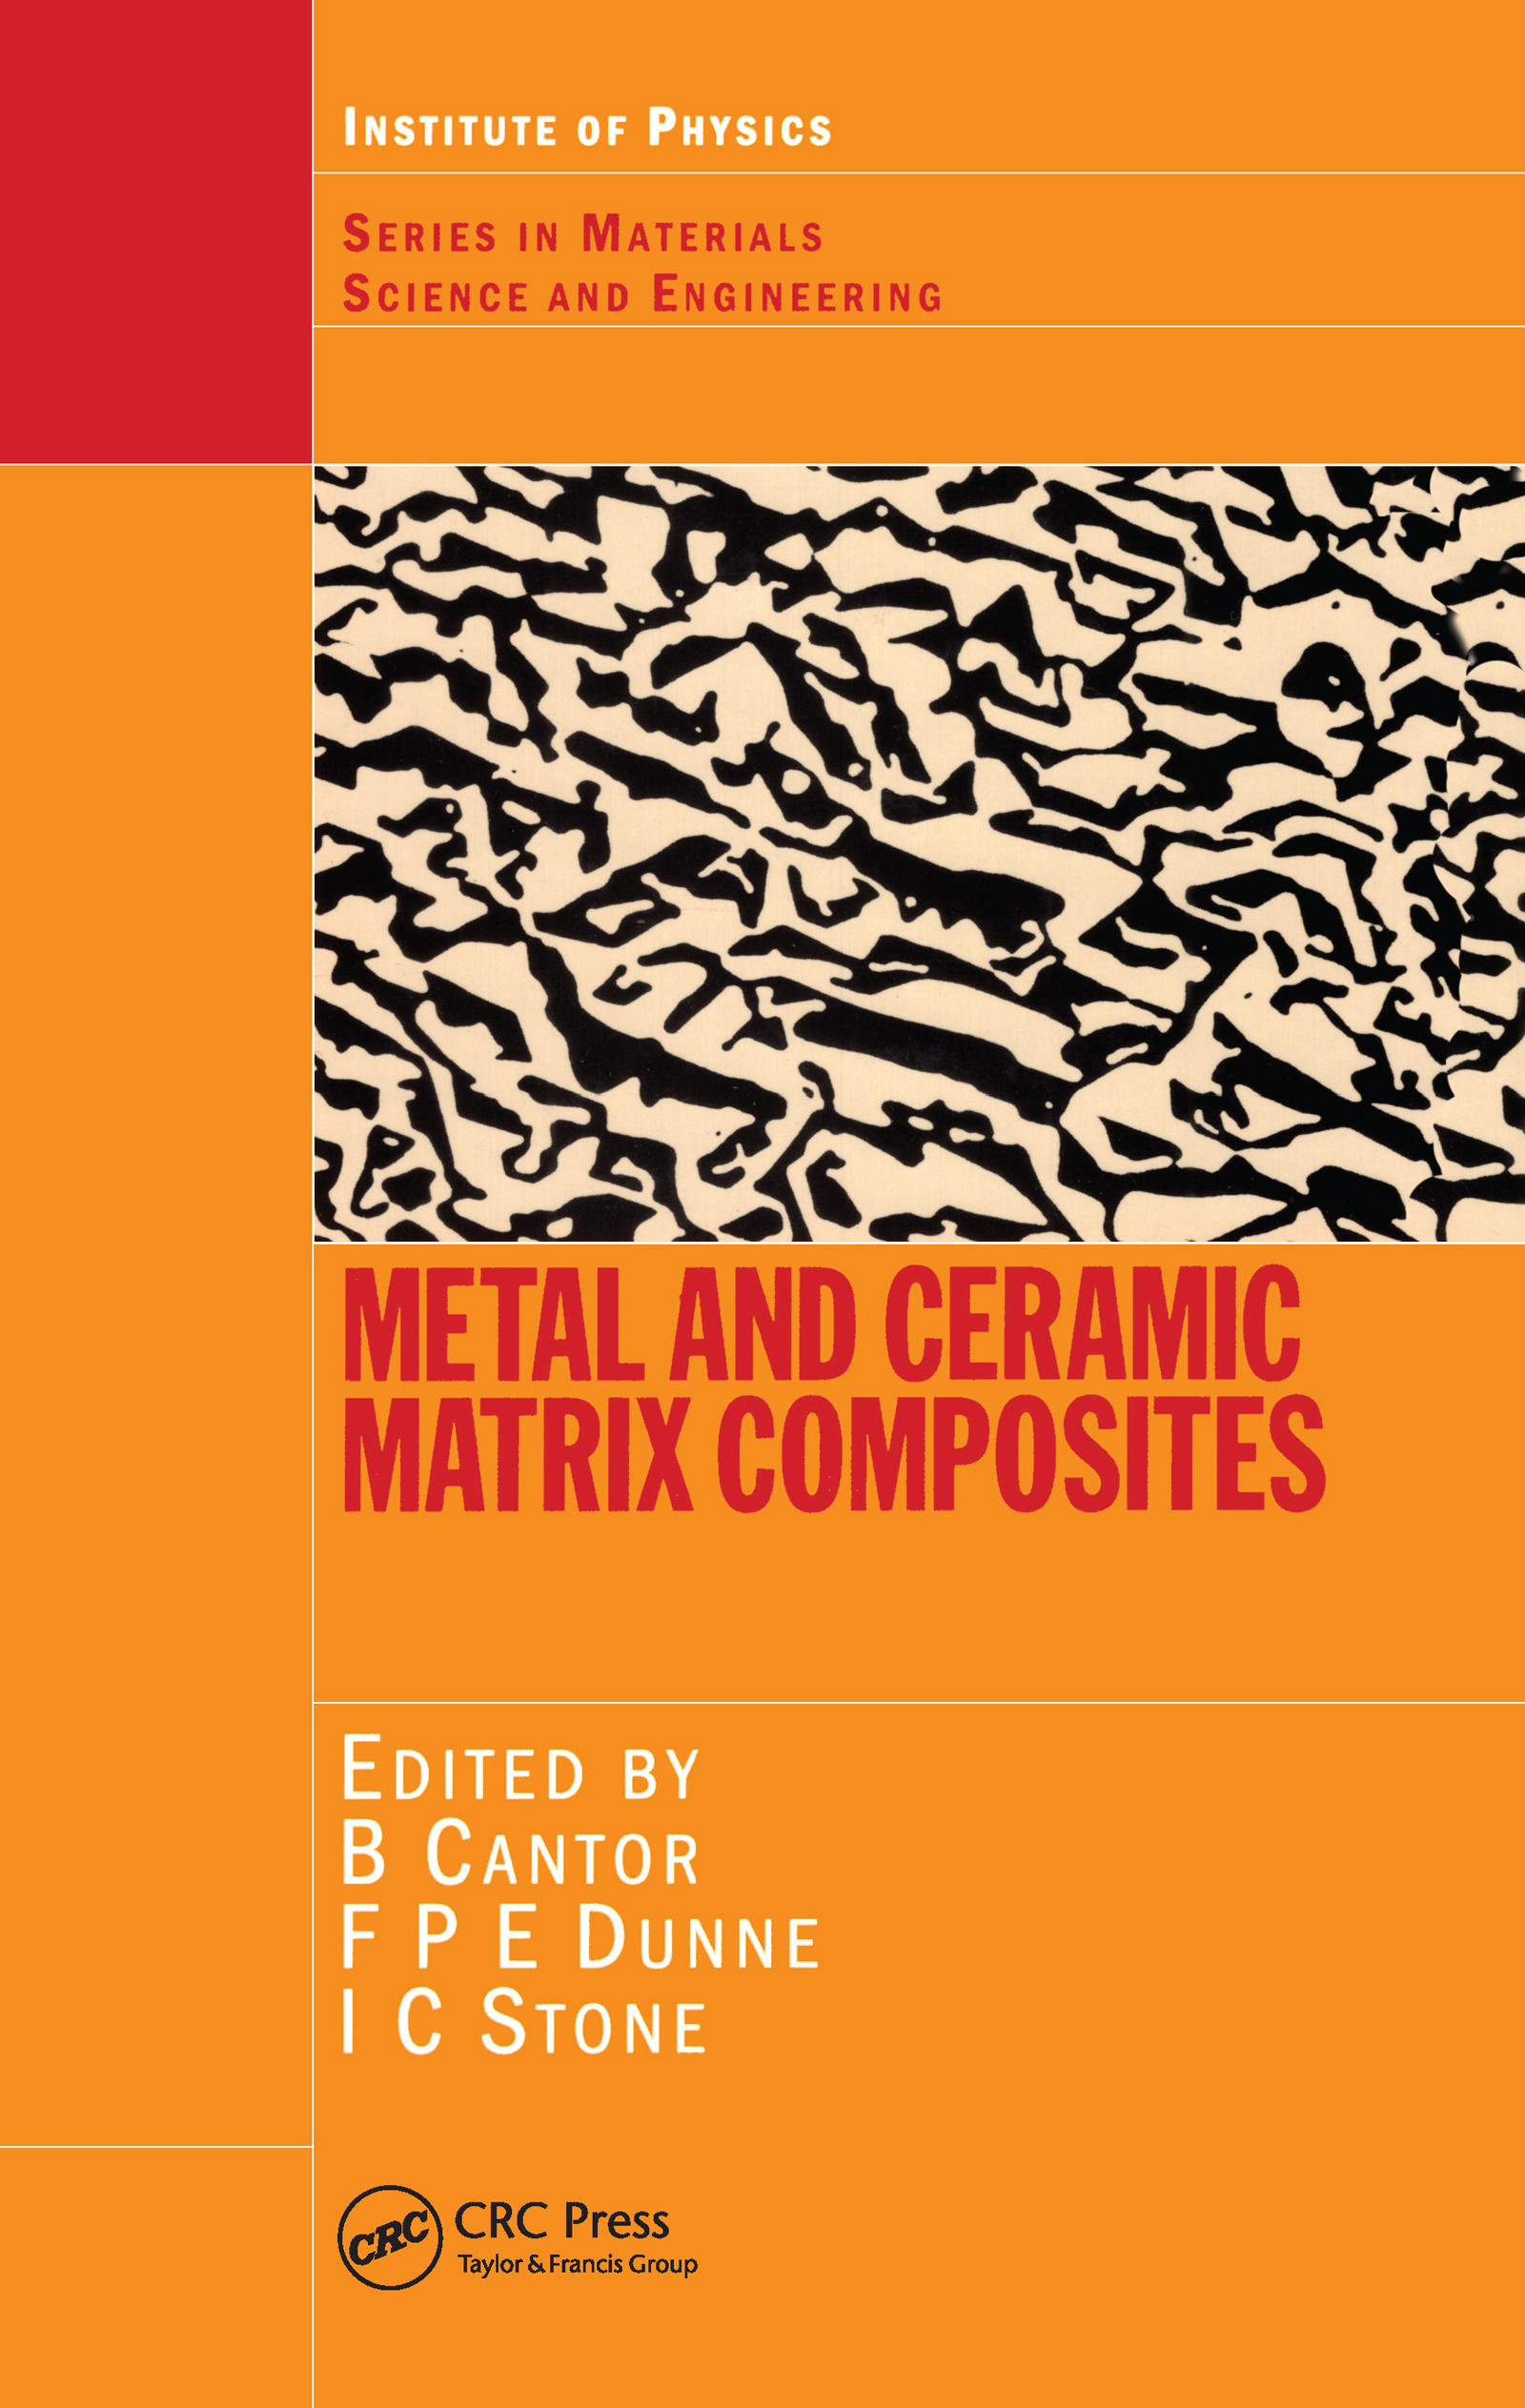 Metal and Ceramic Matrix Composites book cover